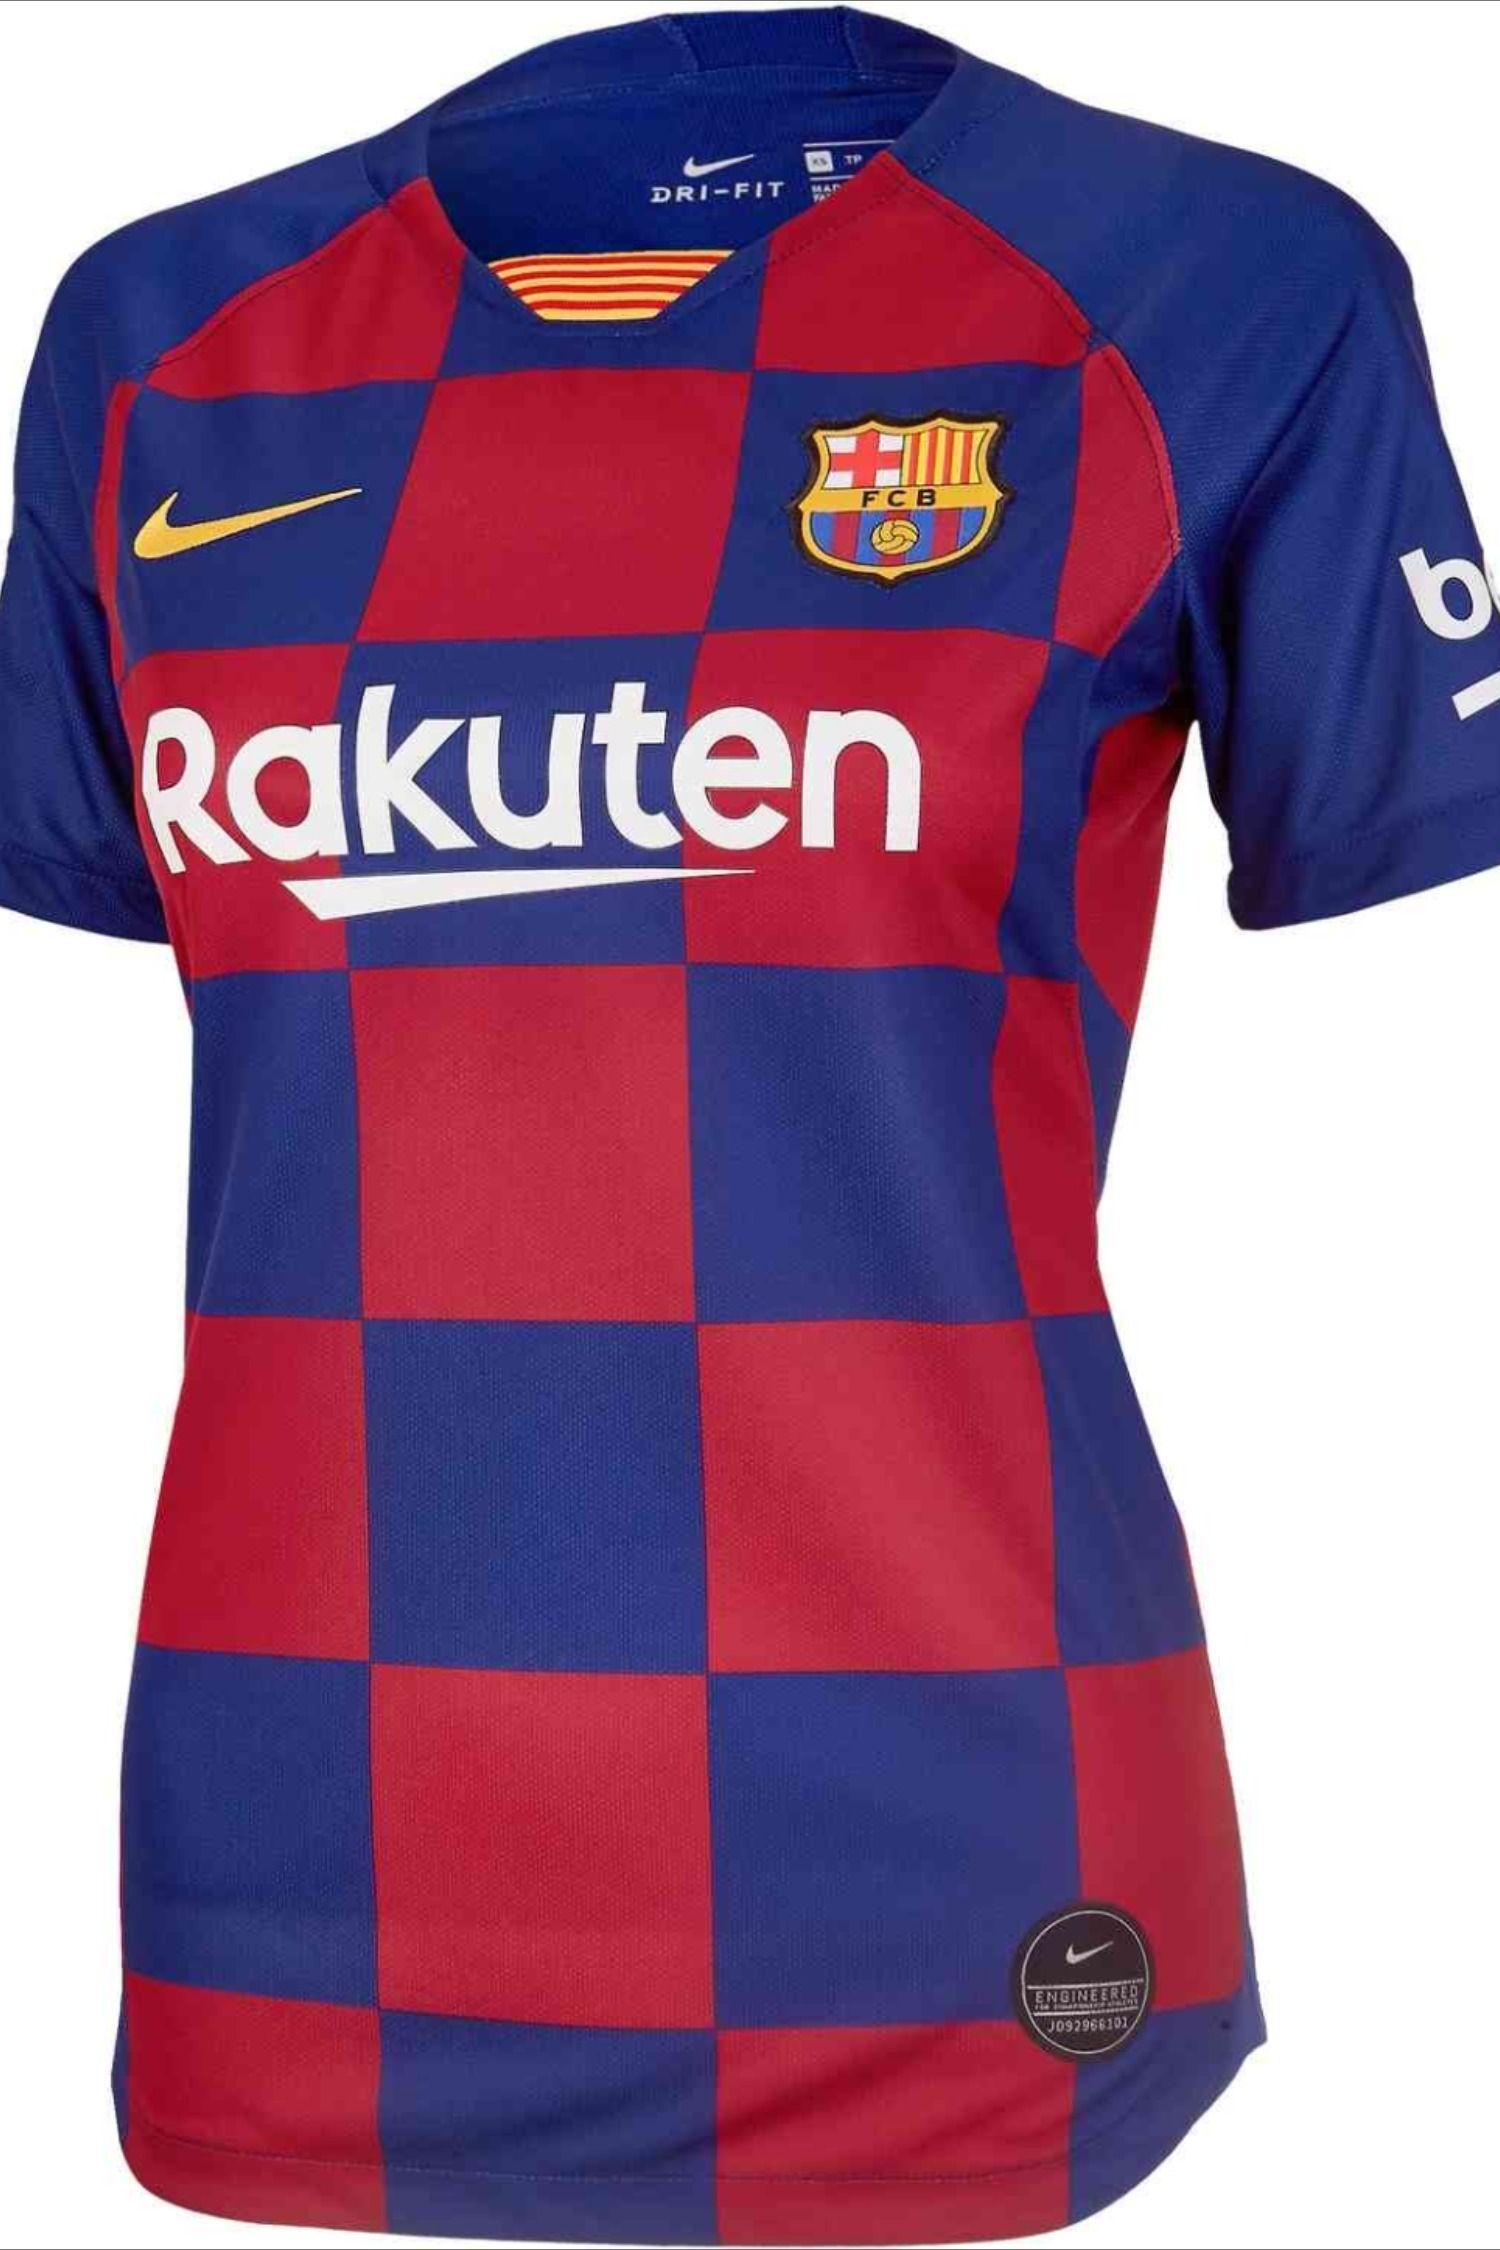 2019 20 Womens Nike Barcelona Home Jersey Soccerpro In 2020 Womens Jersey Shirt Barcelona Shirt Nike Women